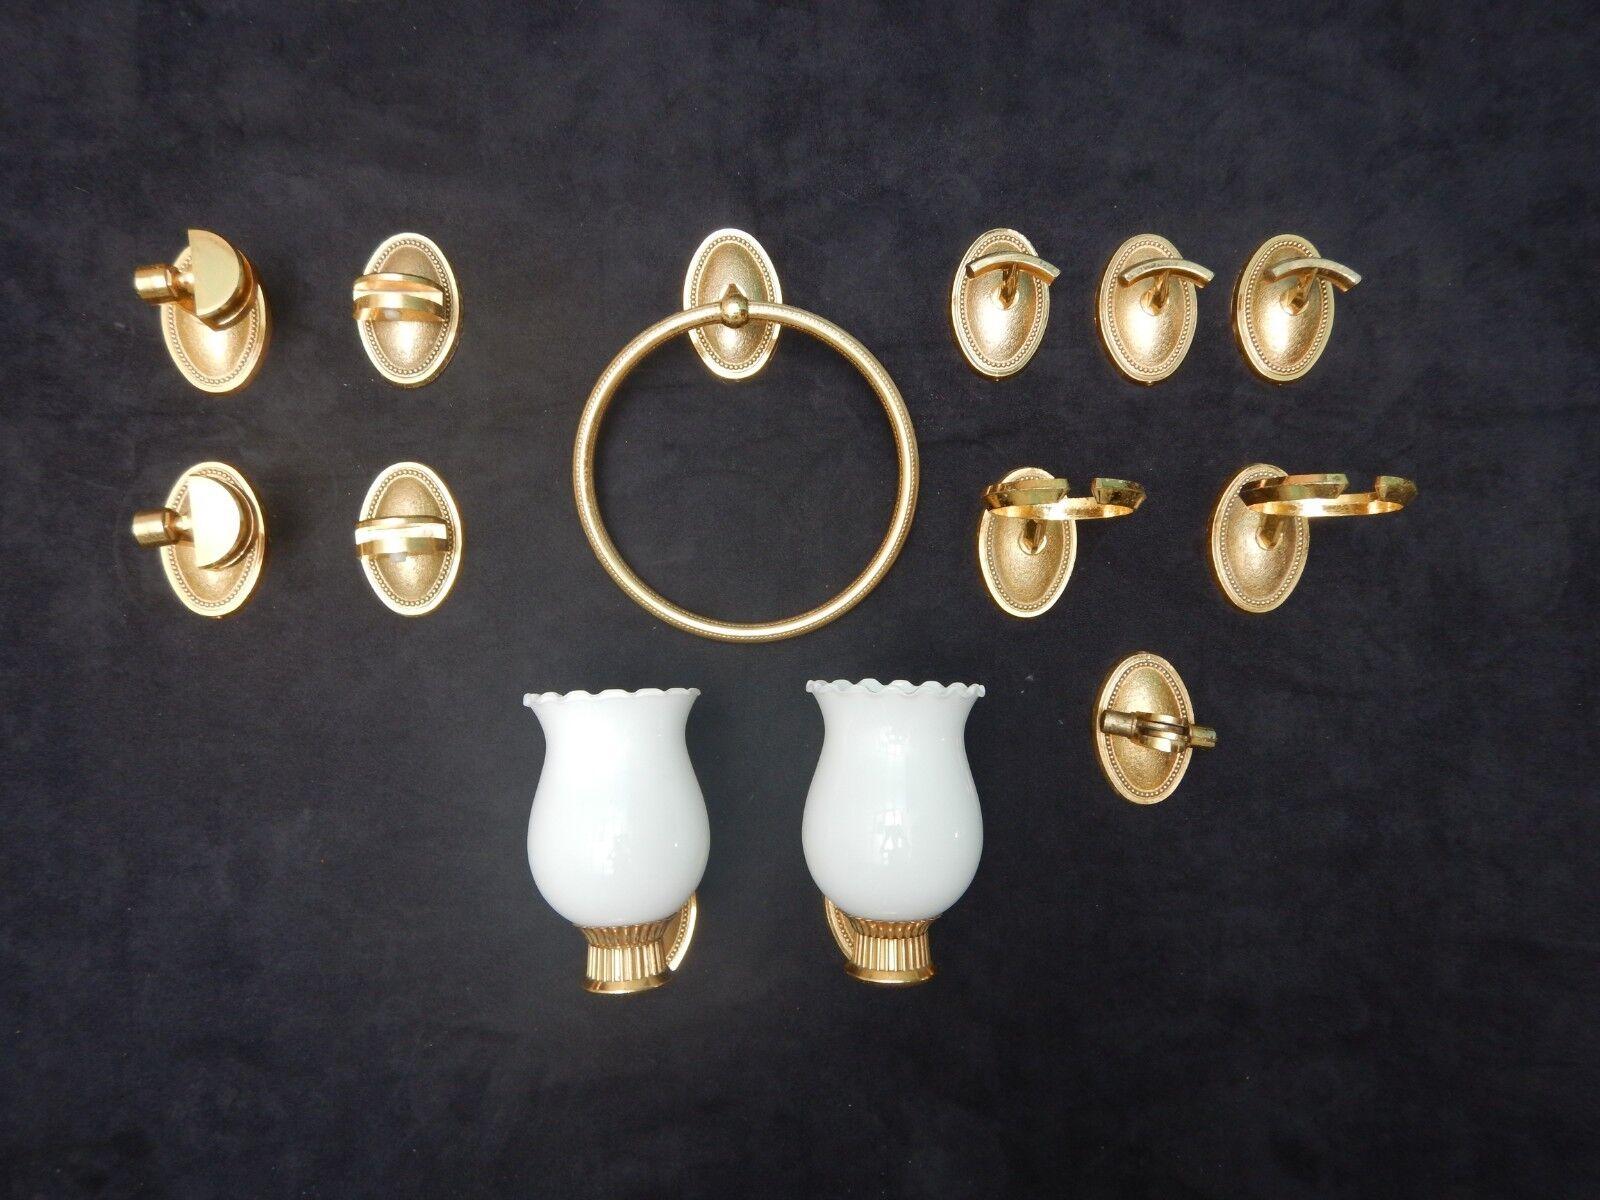 ensemble accessoire salle de bain laiton opaline opaline opaline appliques vintage   Fiable Réputation  168484